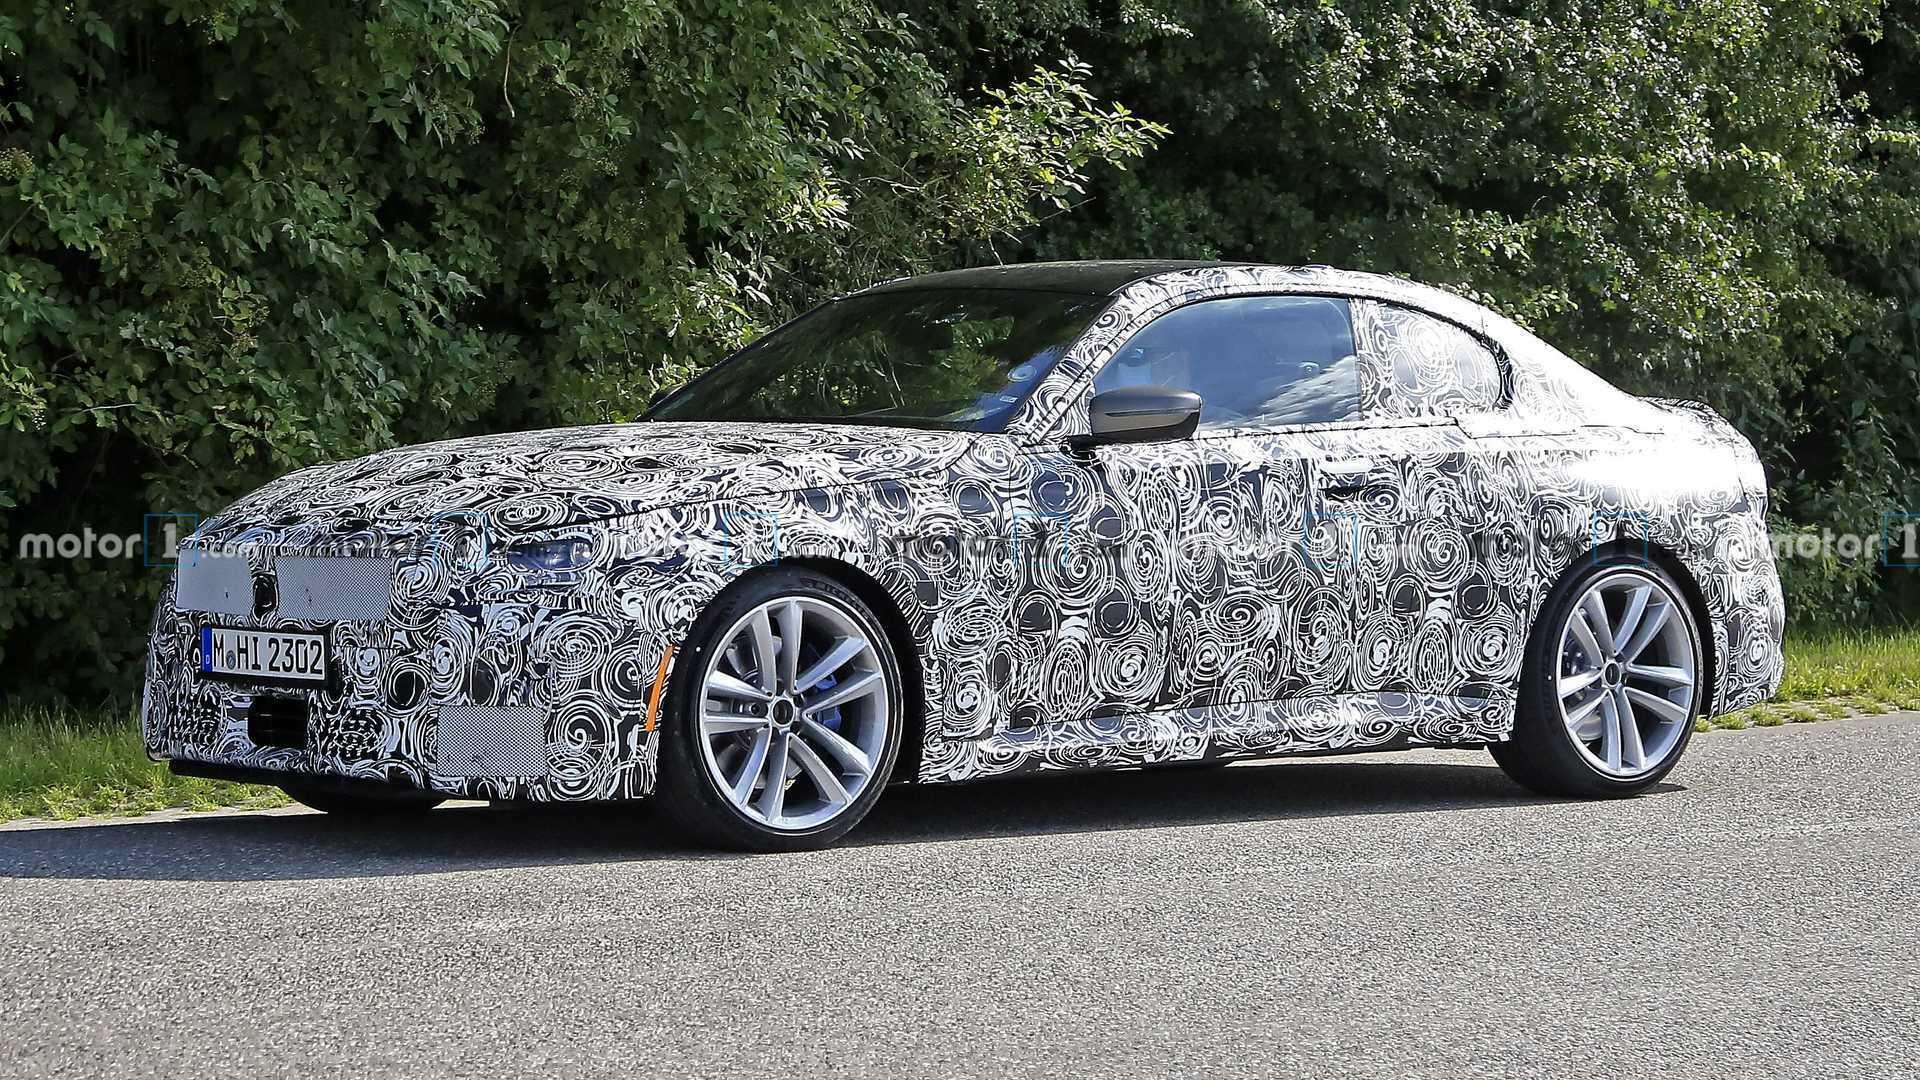 BMW 2 series буде мати велику потужність та добру керованість